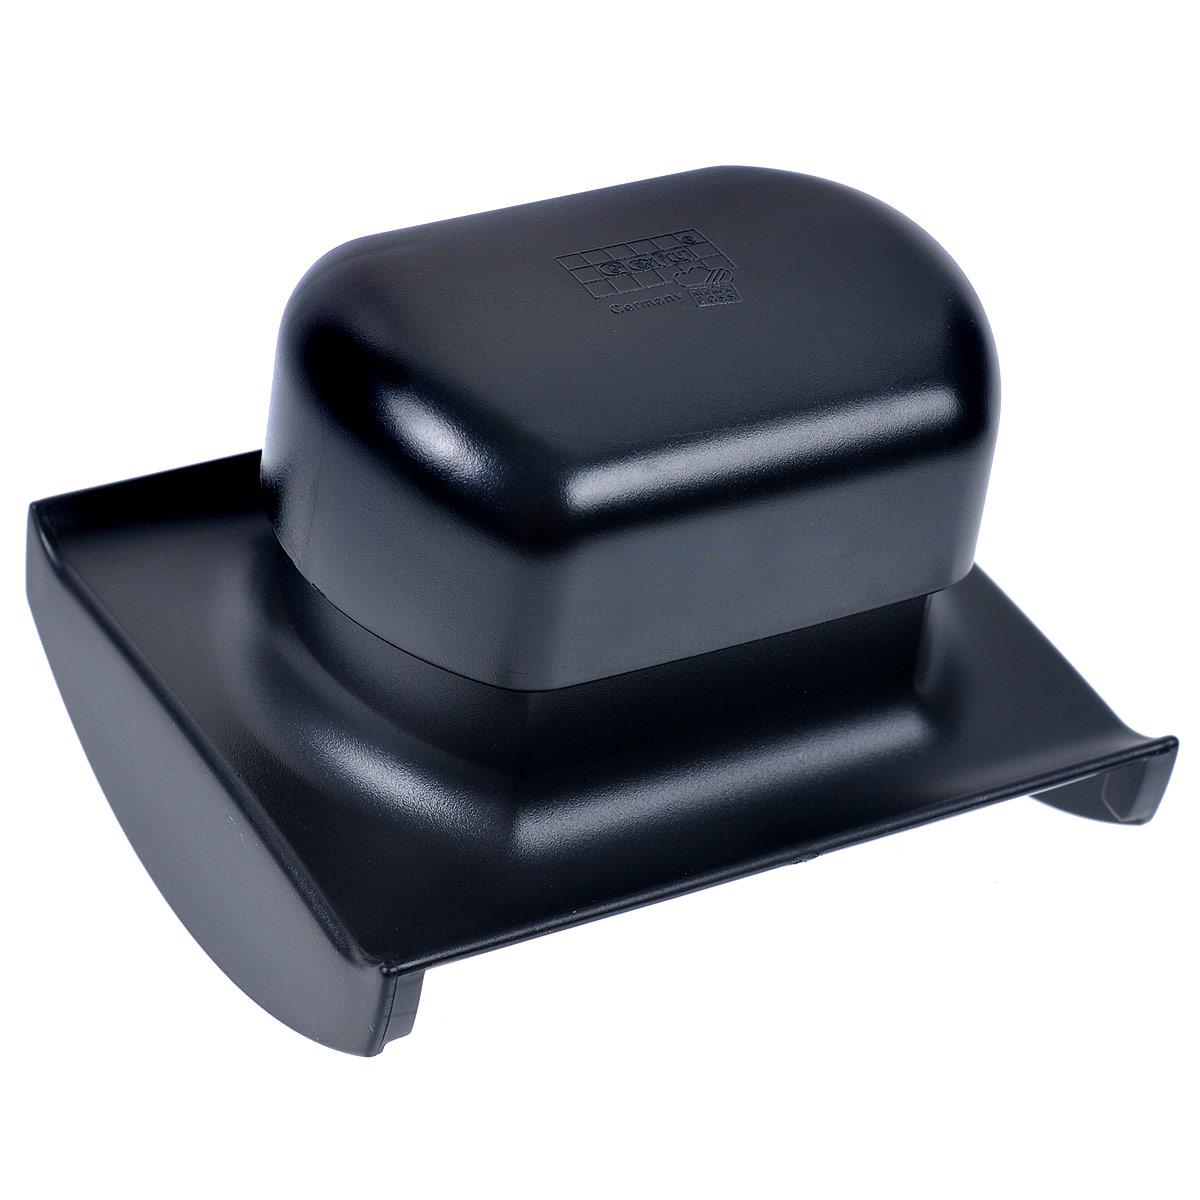 Держатель для терки Raspini55550Держатель для терки Raspini выполнен из высококачественного пластика черного цвета. Специальный держатель для терки Raspini защищает руки и дает возможность нарезать любые продукты. Можно мыть в посудомоечной машине.